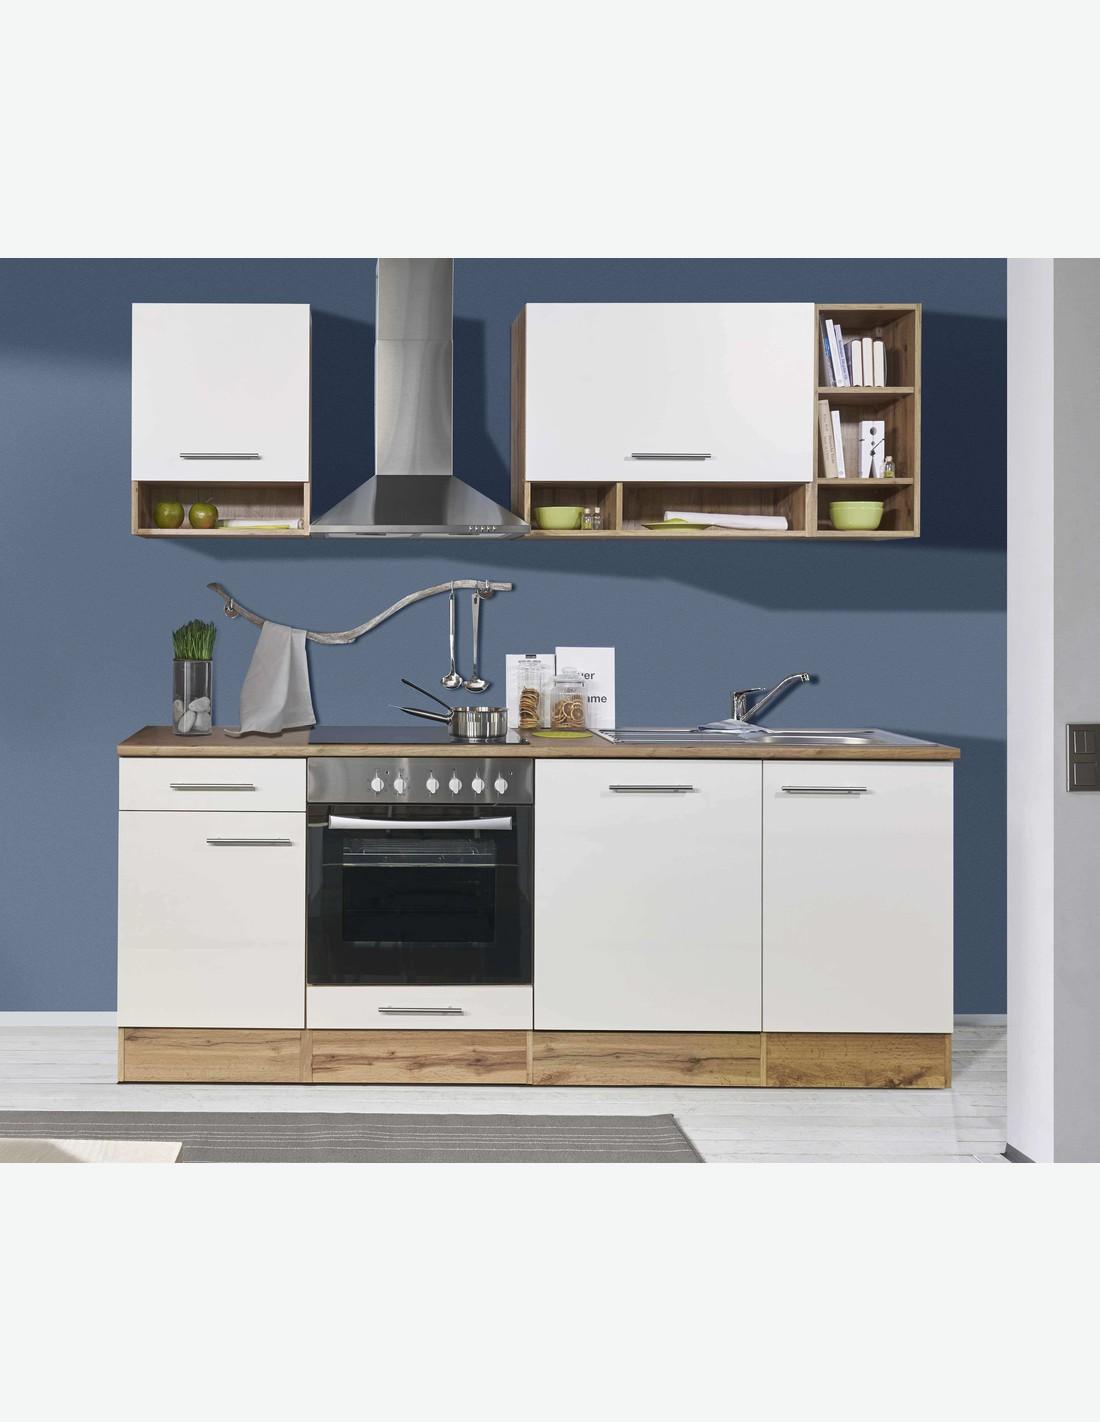 Sonoma quercia bianco Cucina Cucina Sonoma e in Cucina ...